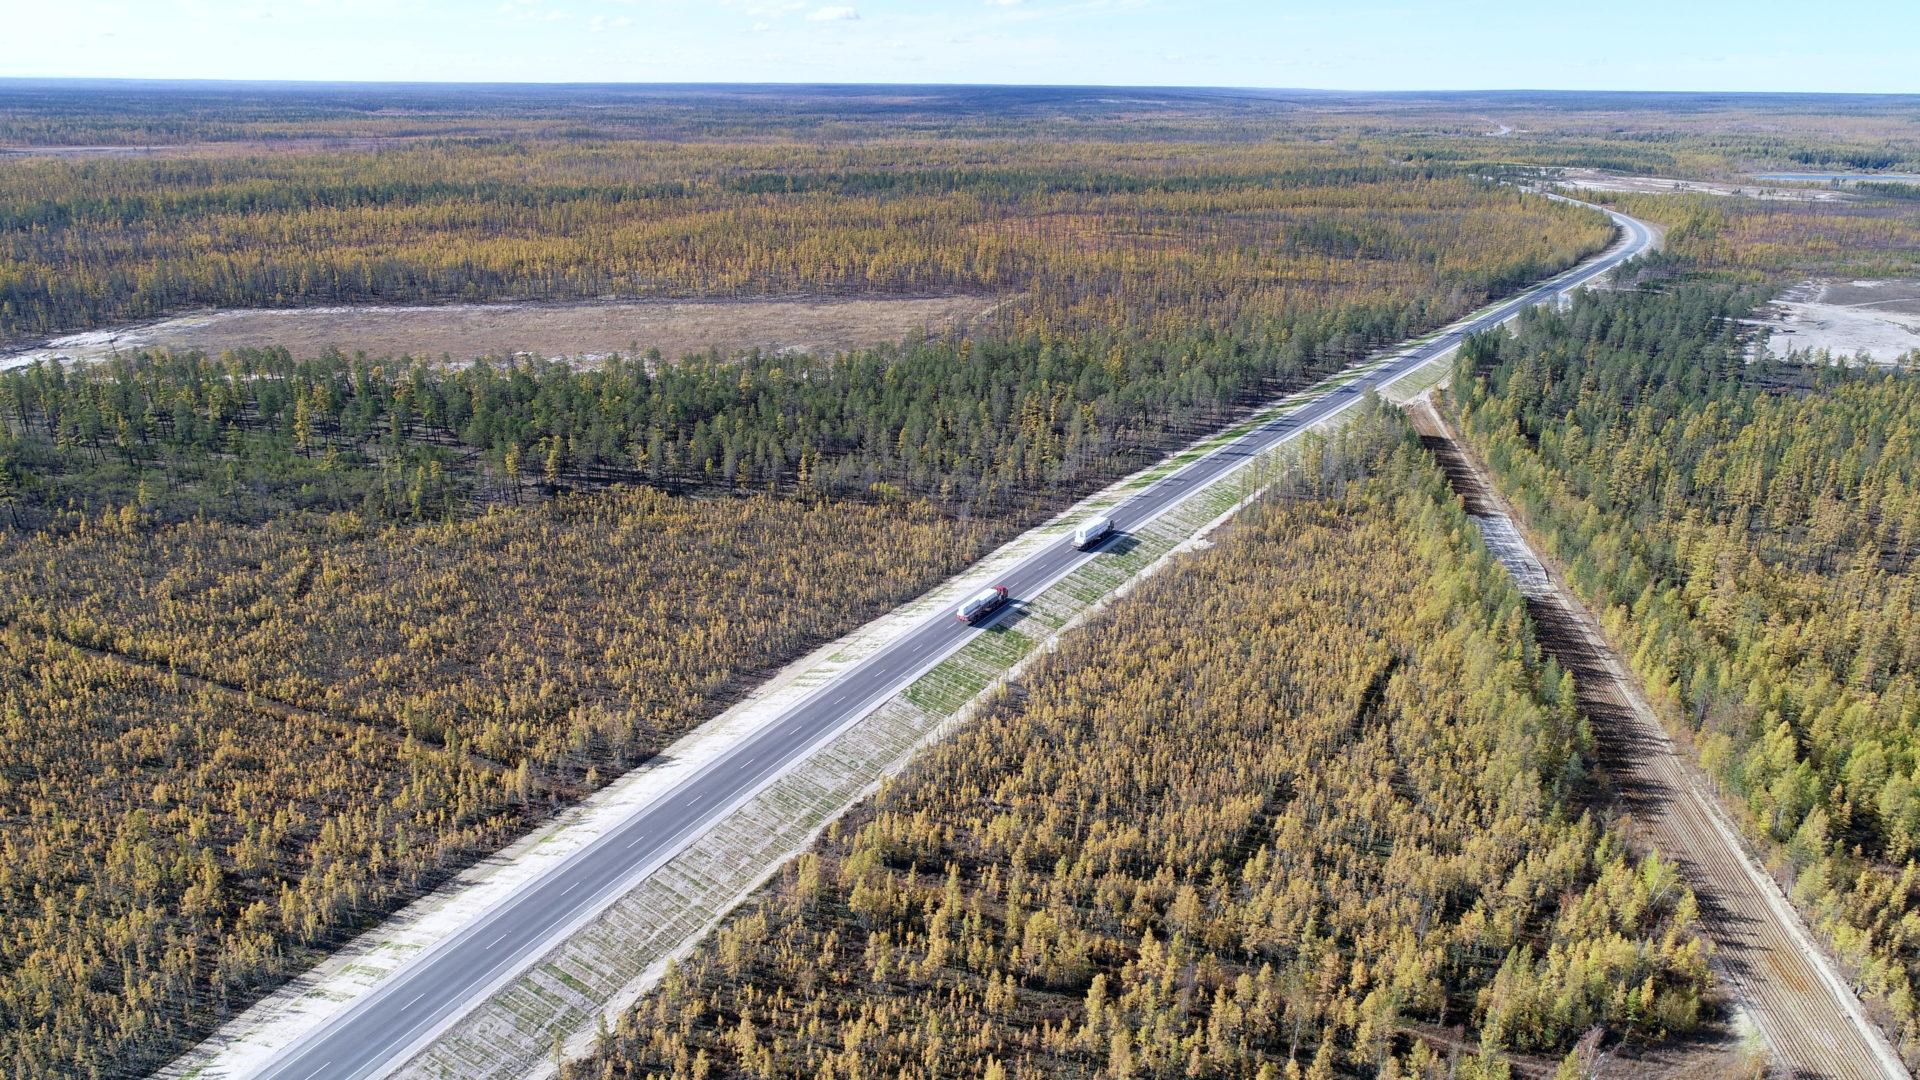 В 2021 году в Якутии приведут к нормативу более 100 км автодорог «Вилюй» и «Колыма»